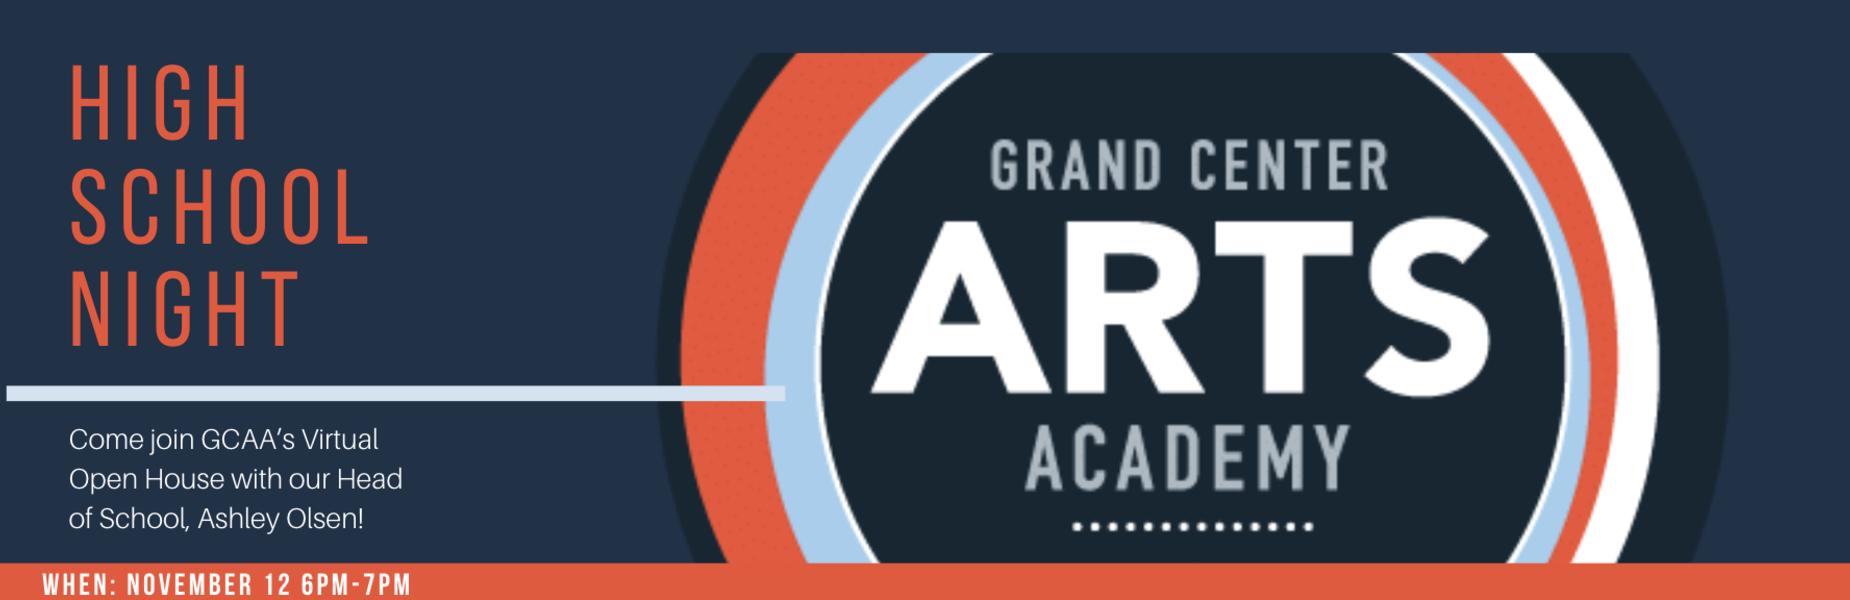 grand center arts academy virtual open house